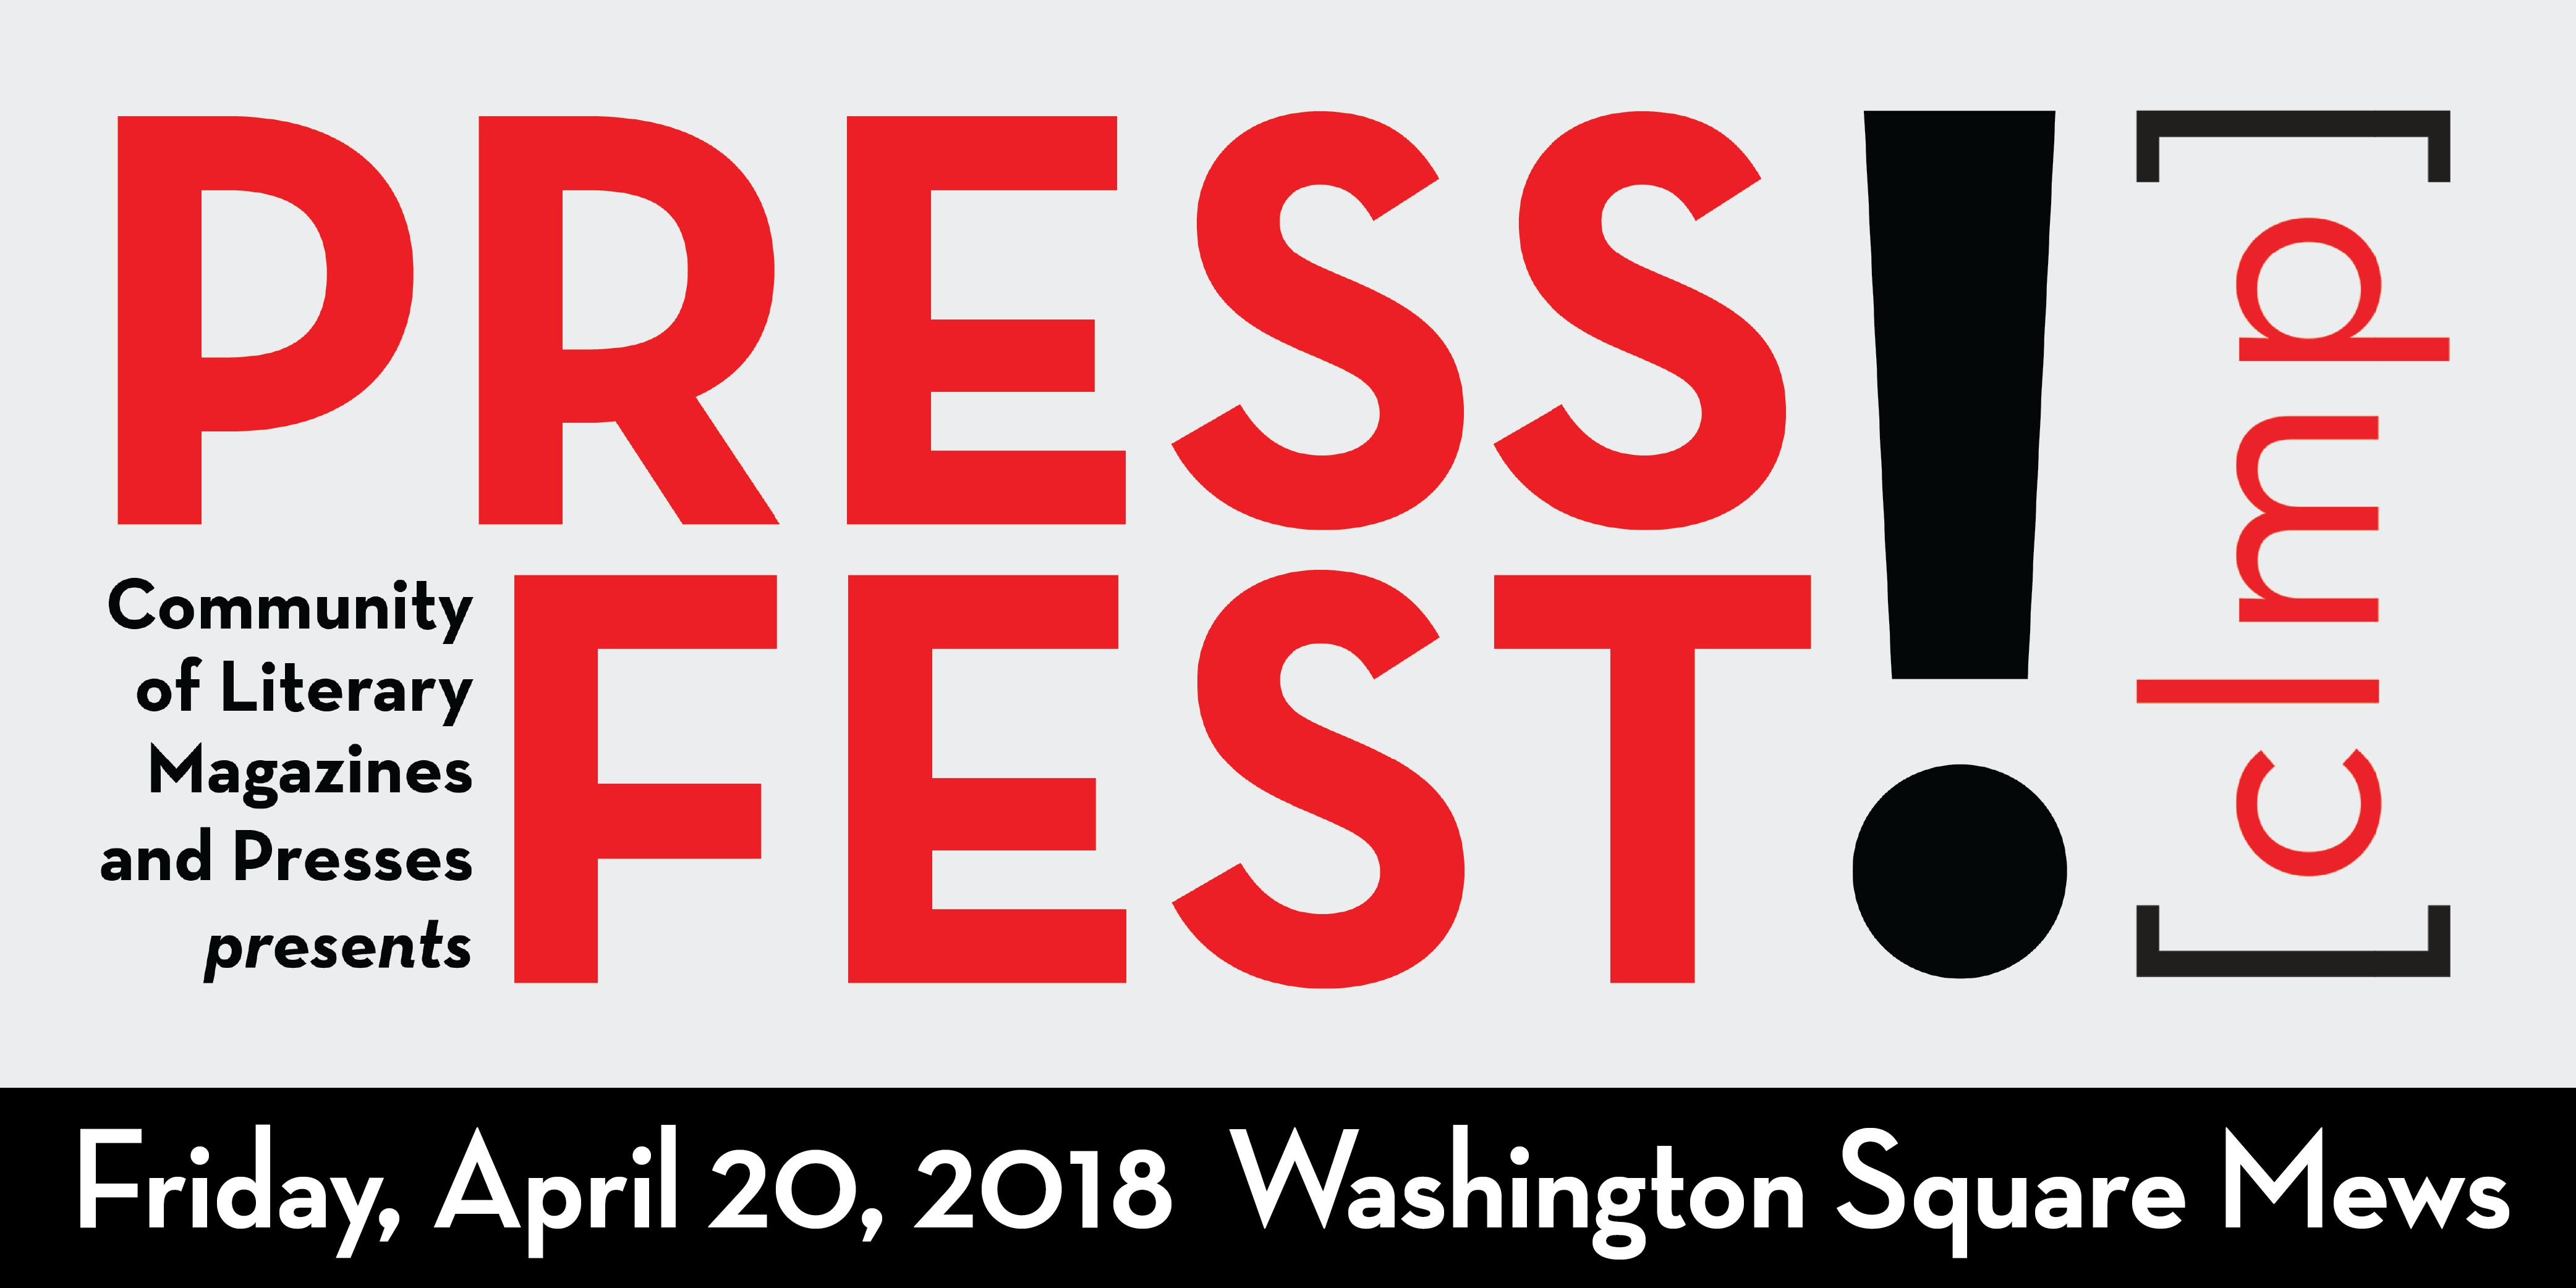 press-fest-clmp-2018-pen-world-voices-festival-literary